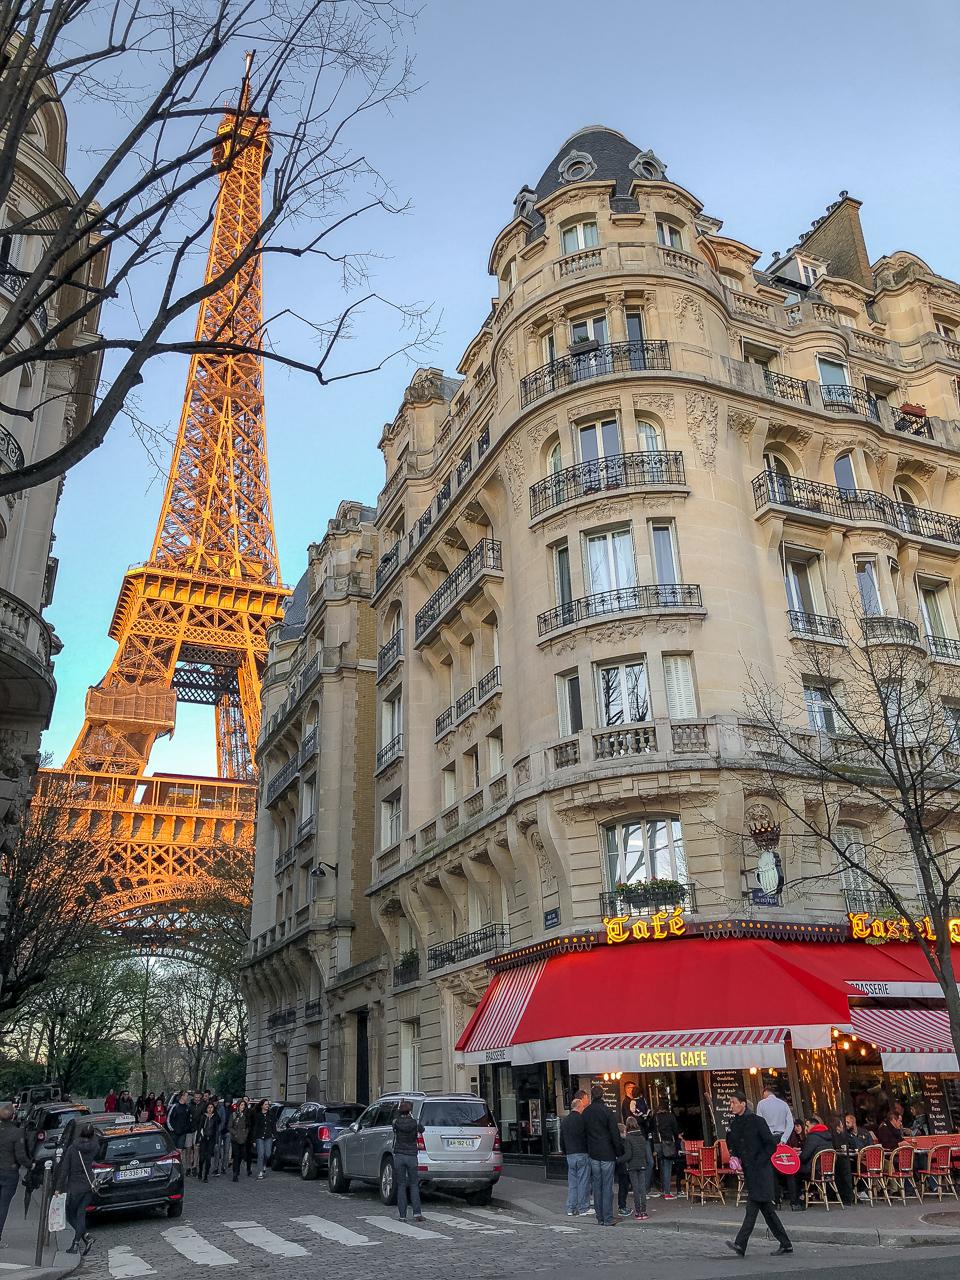 Parhaat paikat Eiffel-tornin kuvaamiseen